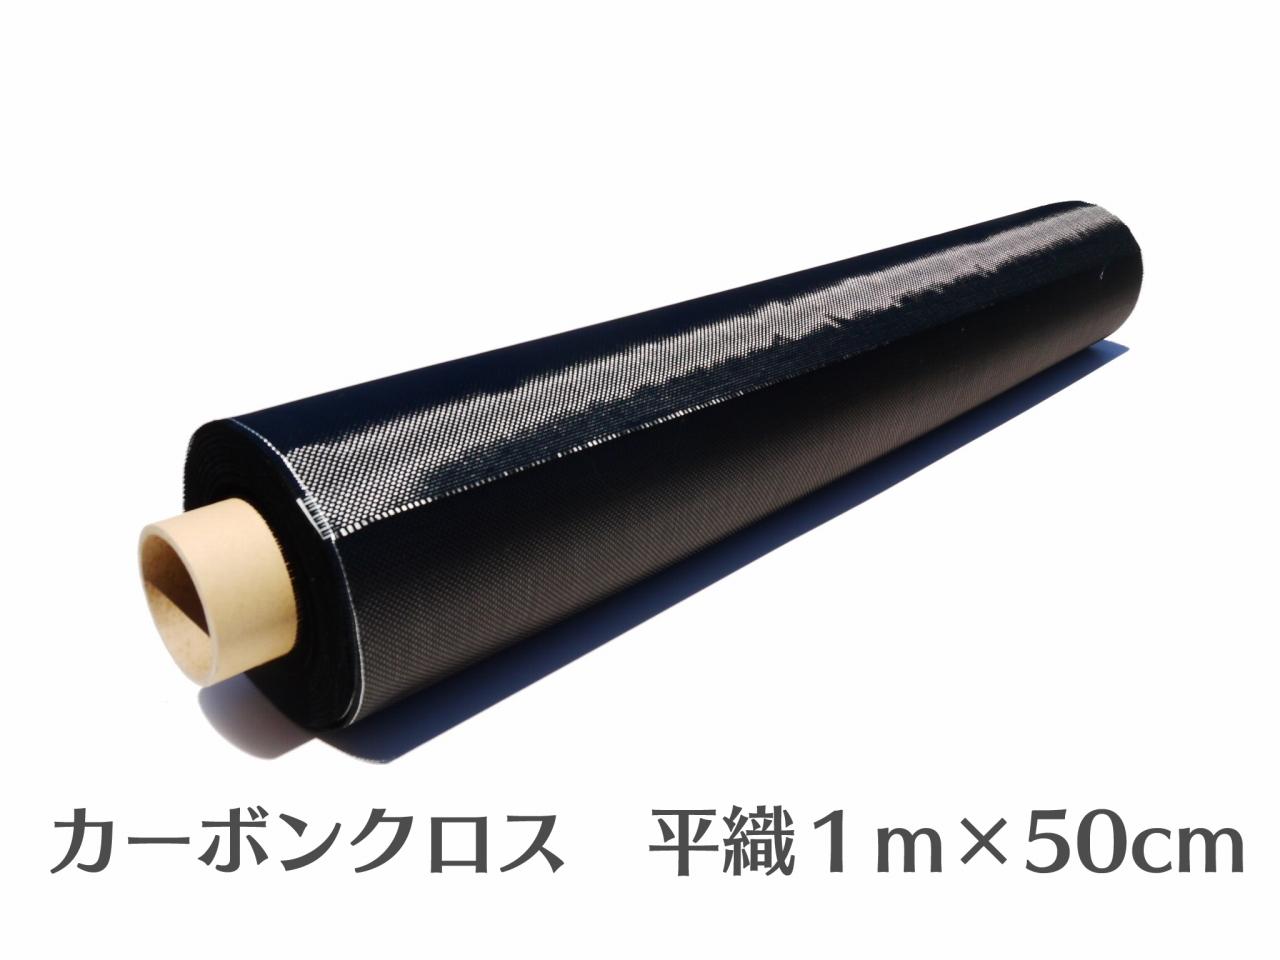 カーボンクロス 小分けカット品カーボン (あやおり)綾織り #200 1m×50m 国産日本製原糸使用